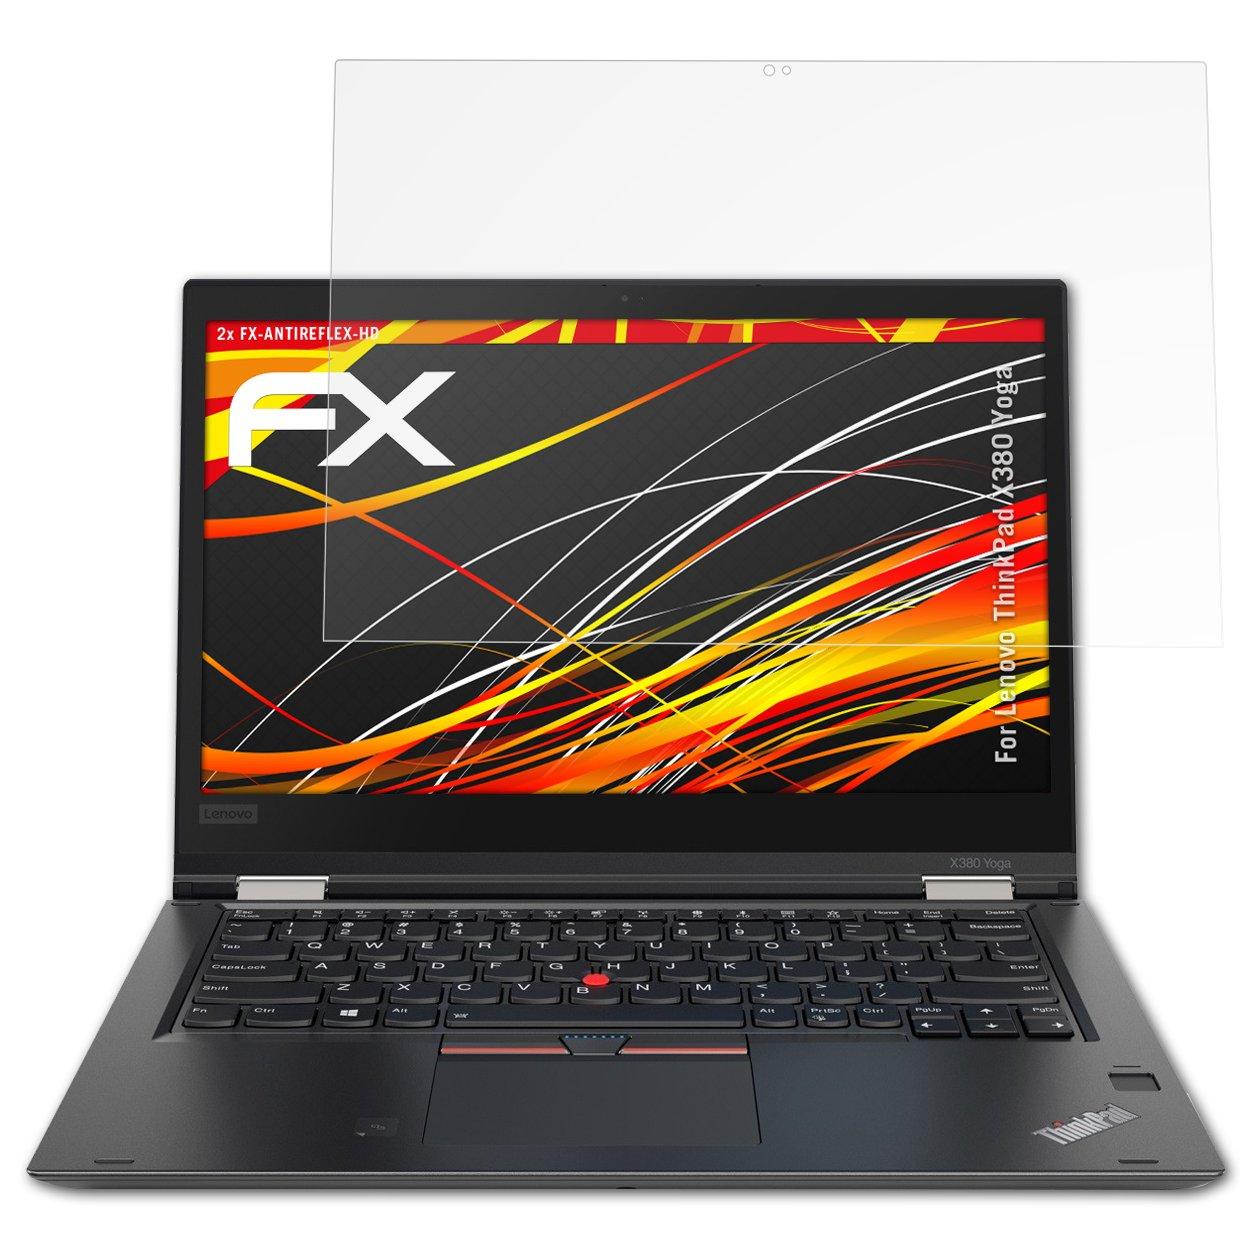 atFoliX Protector Película Compatible con Lenovo ThinkPad ...